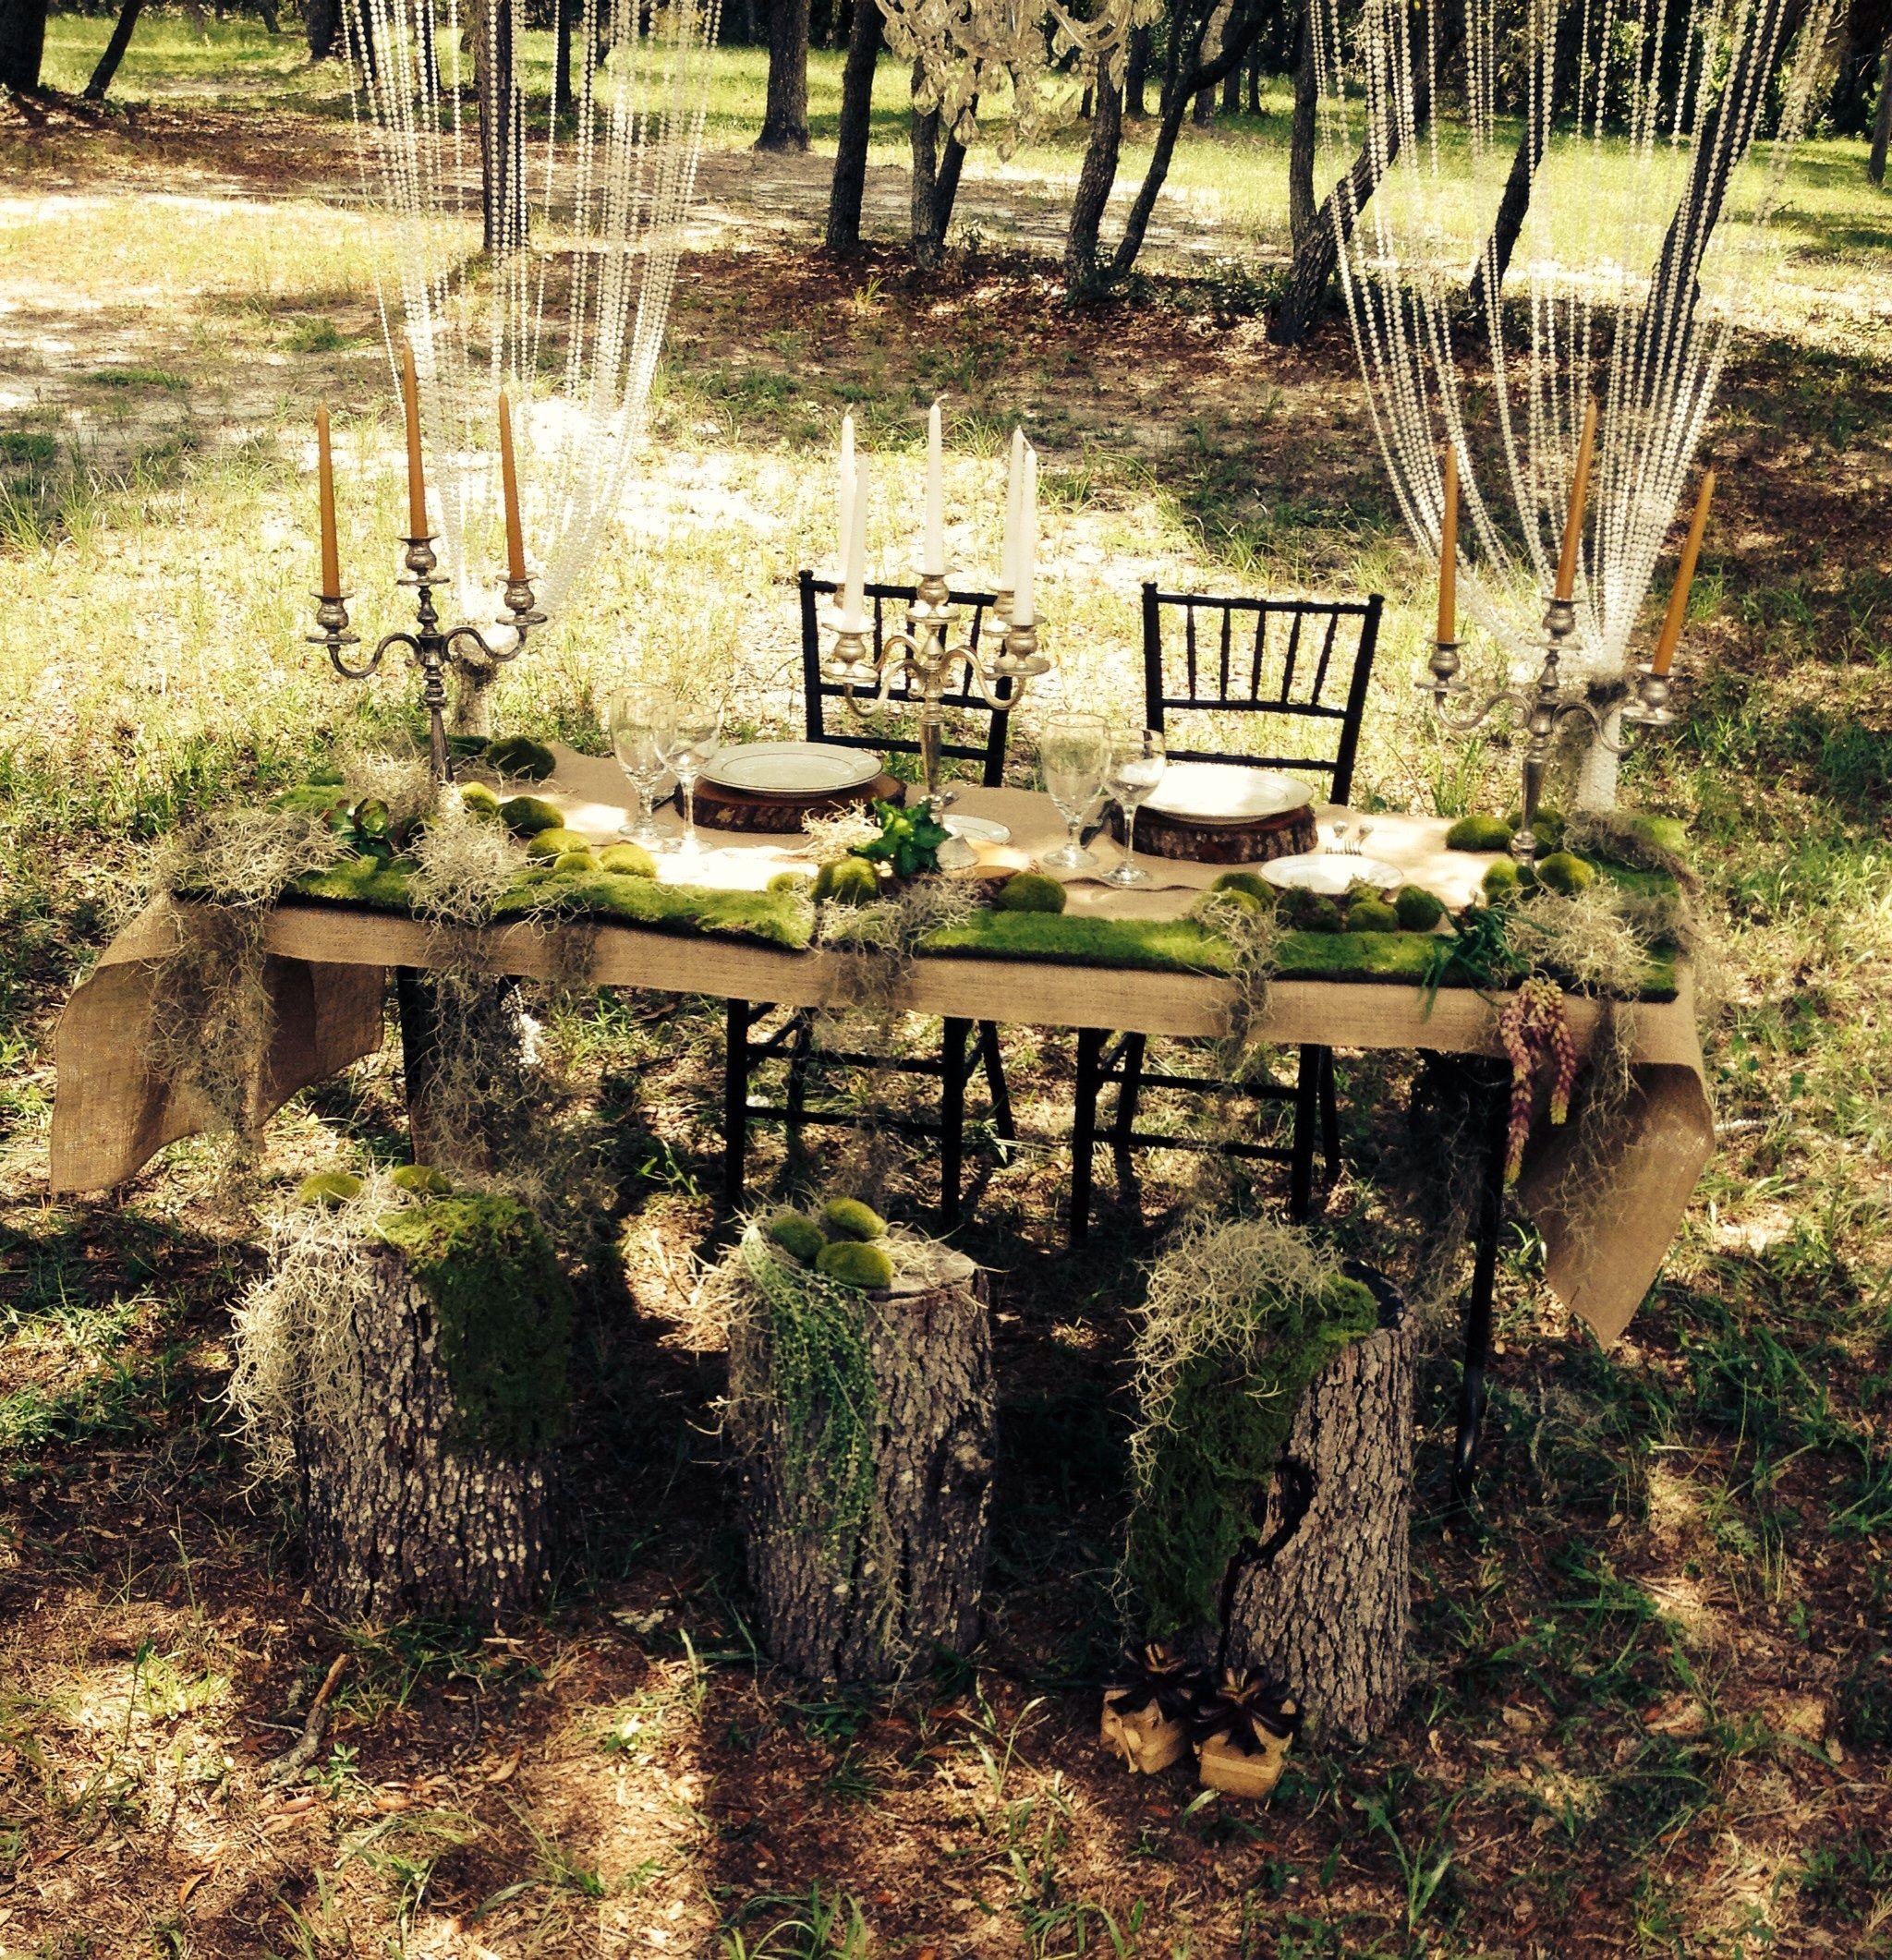 Outdoor Table Decor Wedding Decor Wedding Ideas Outdoor Wedding Rustic Wedding